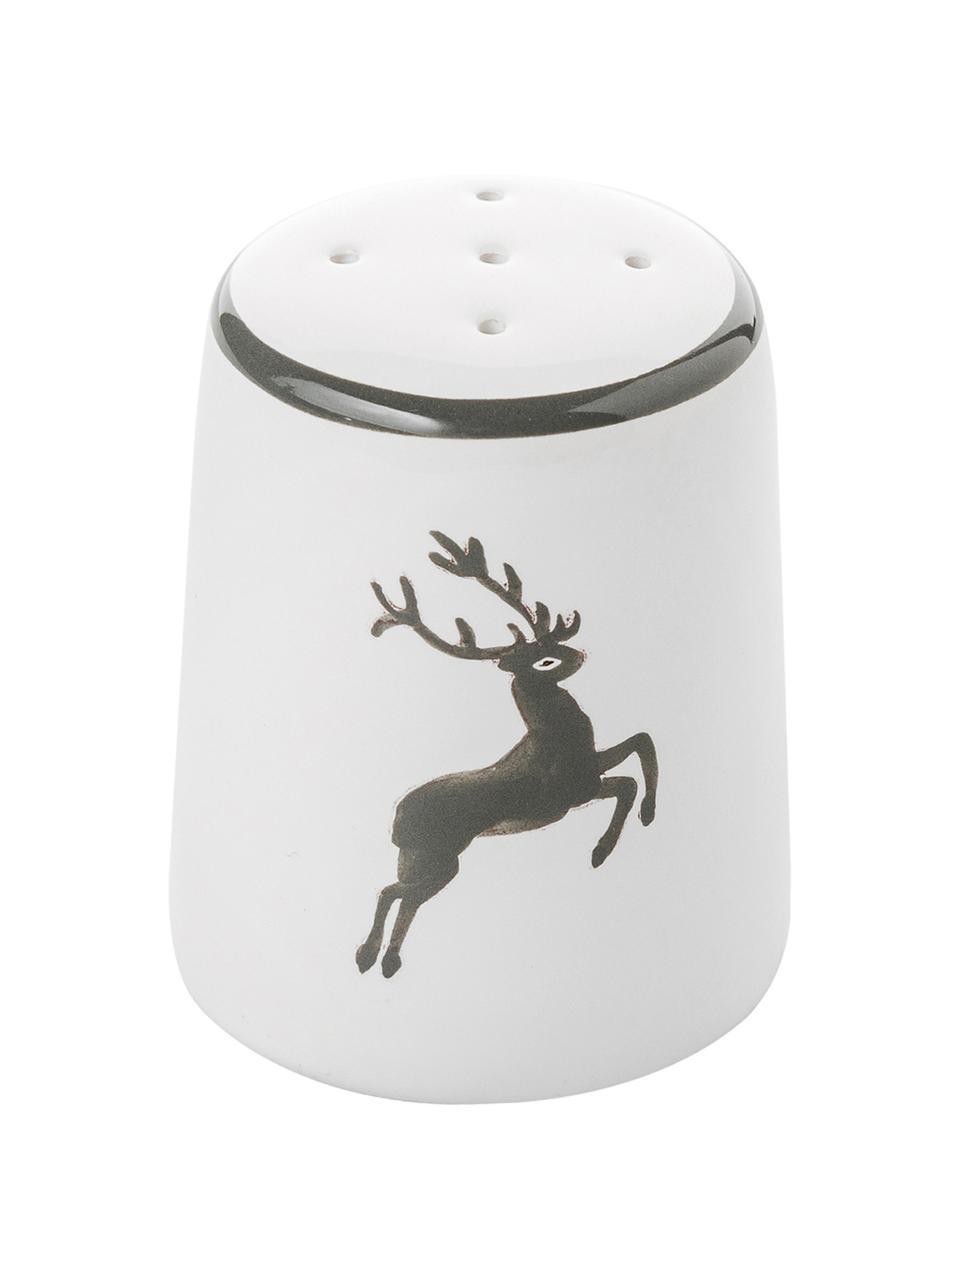 Handgemaakte zoutstrooier Classic Grey Deer, Keramiek, Grijs, wit, H 4 cm